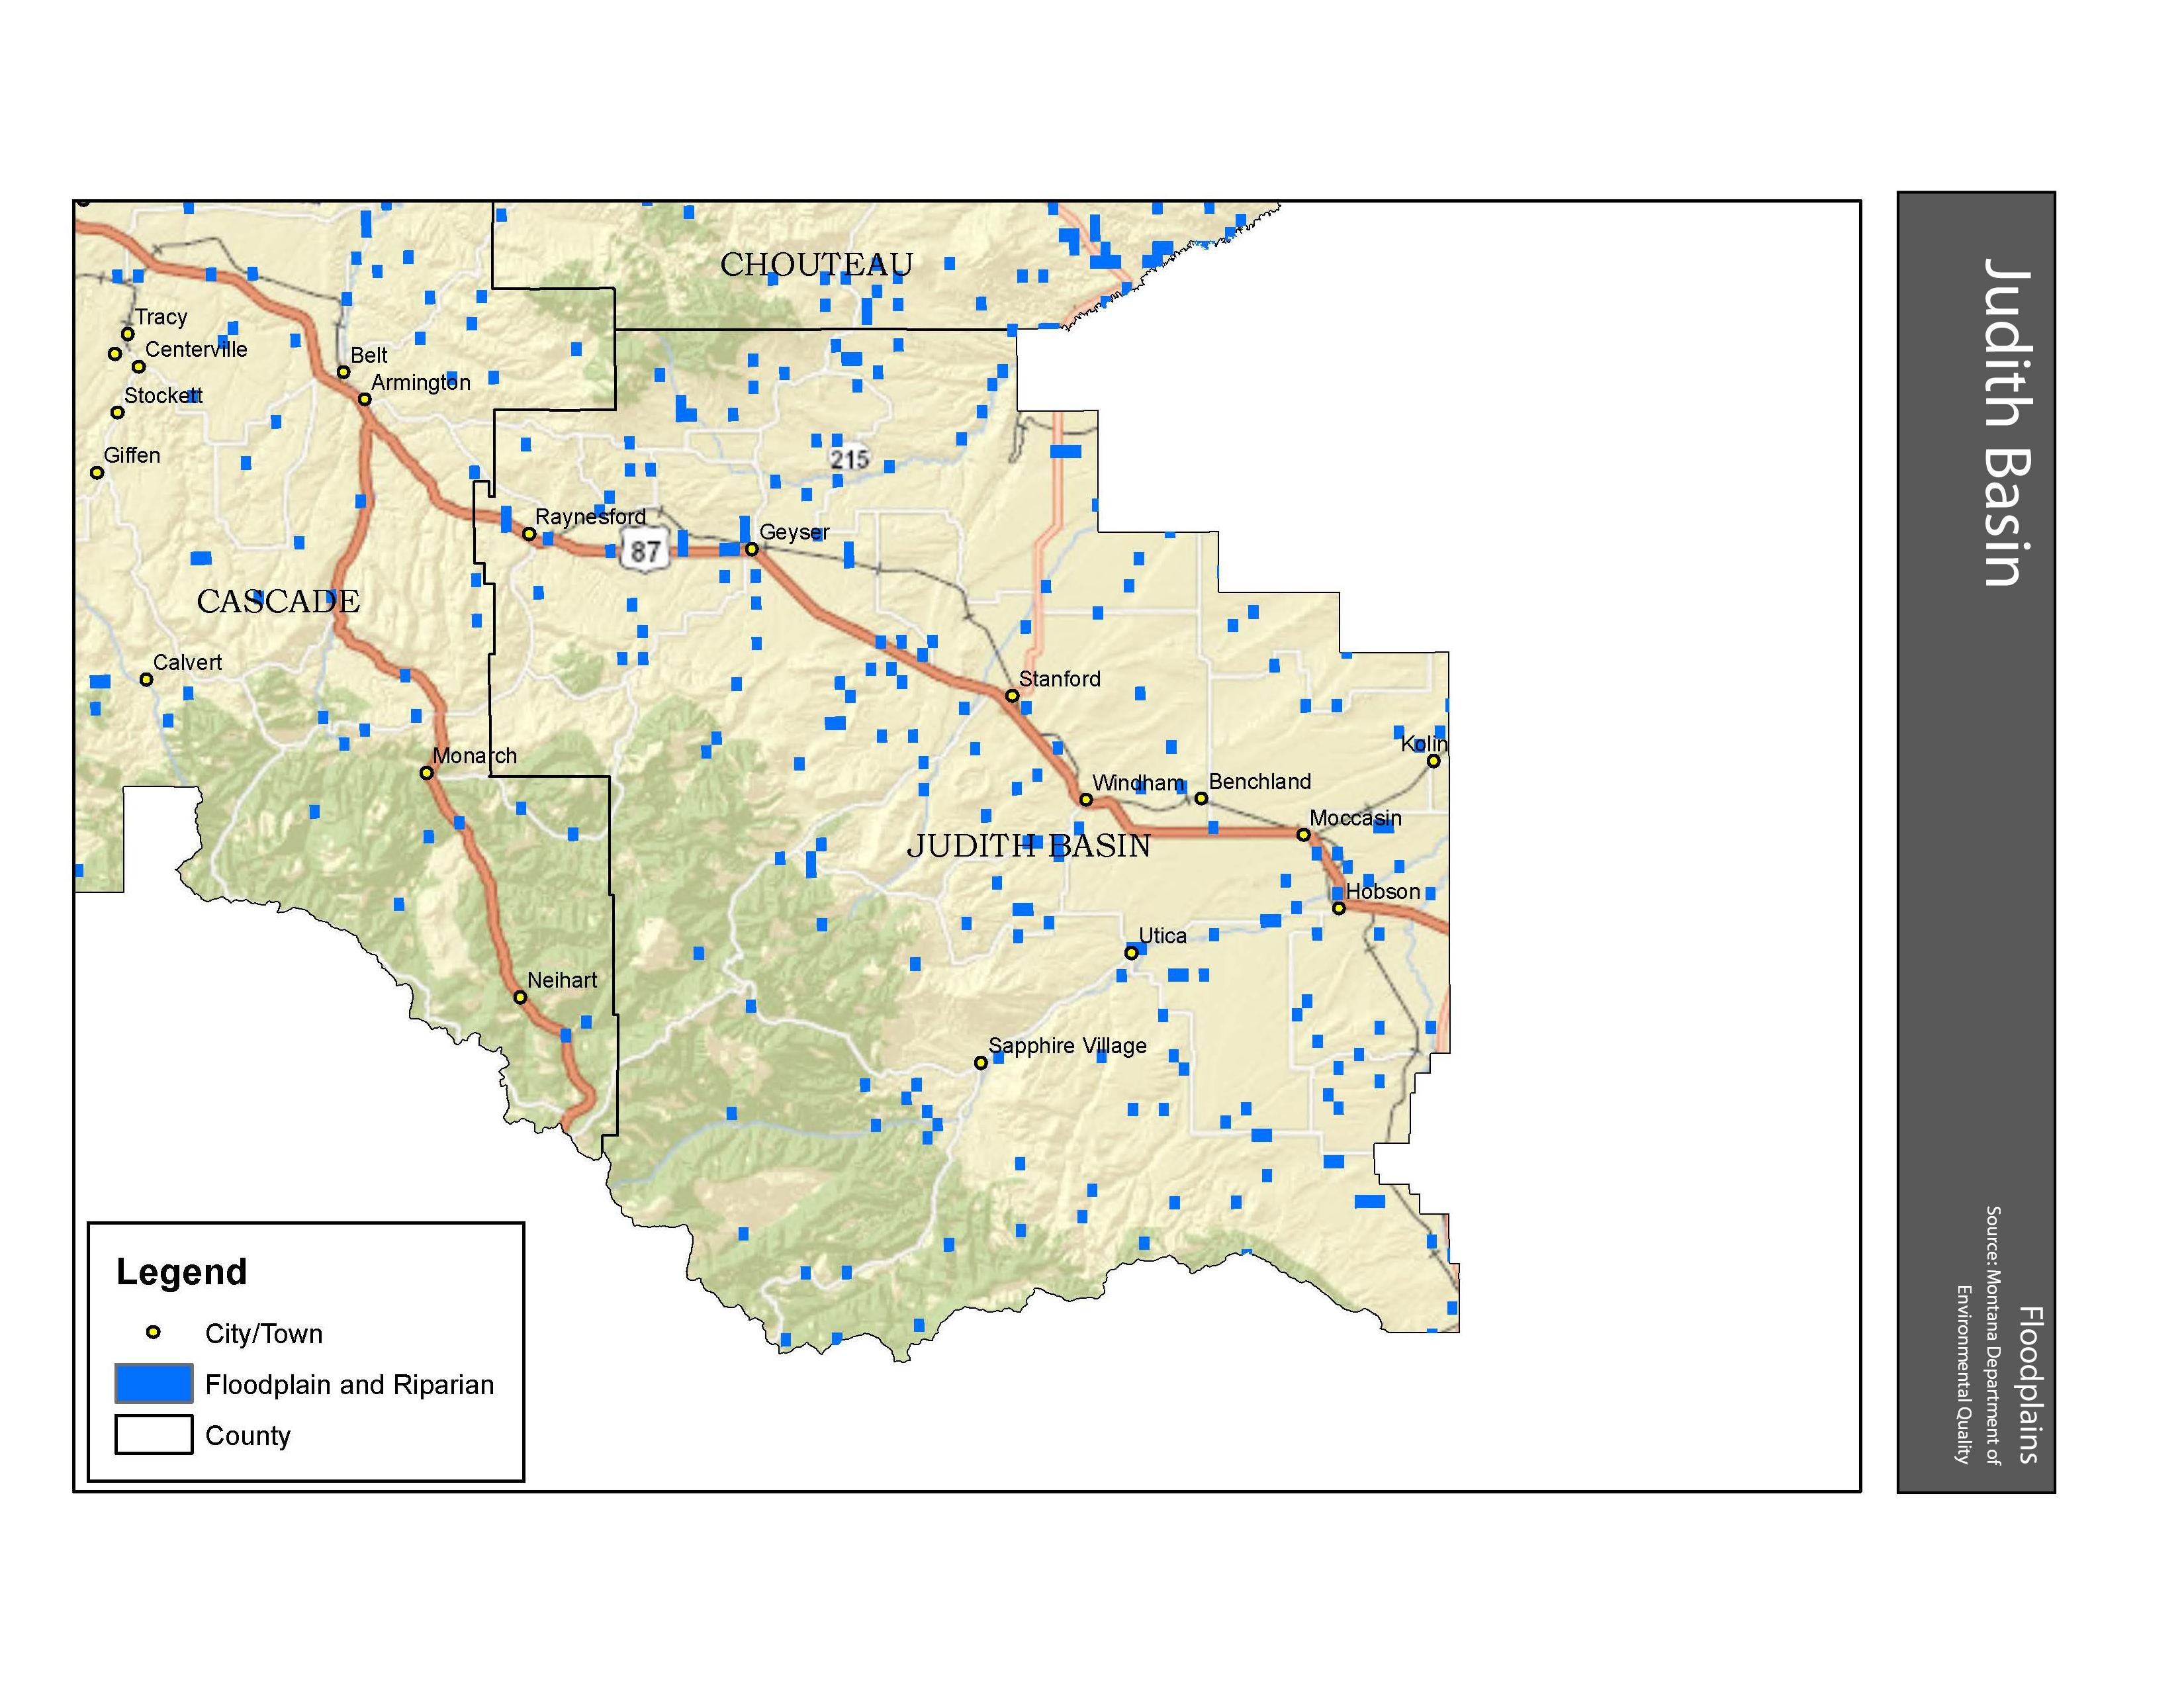 Floodplains Judith Basin County